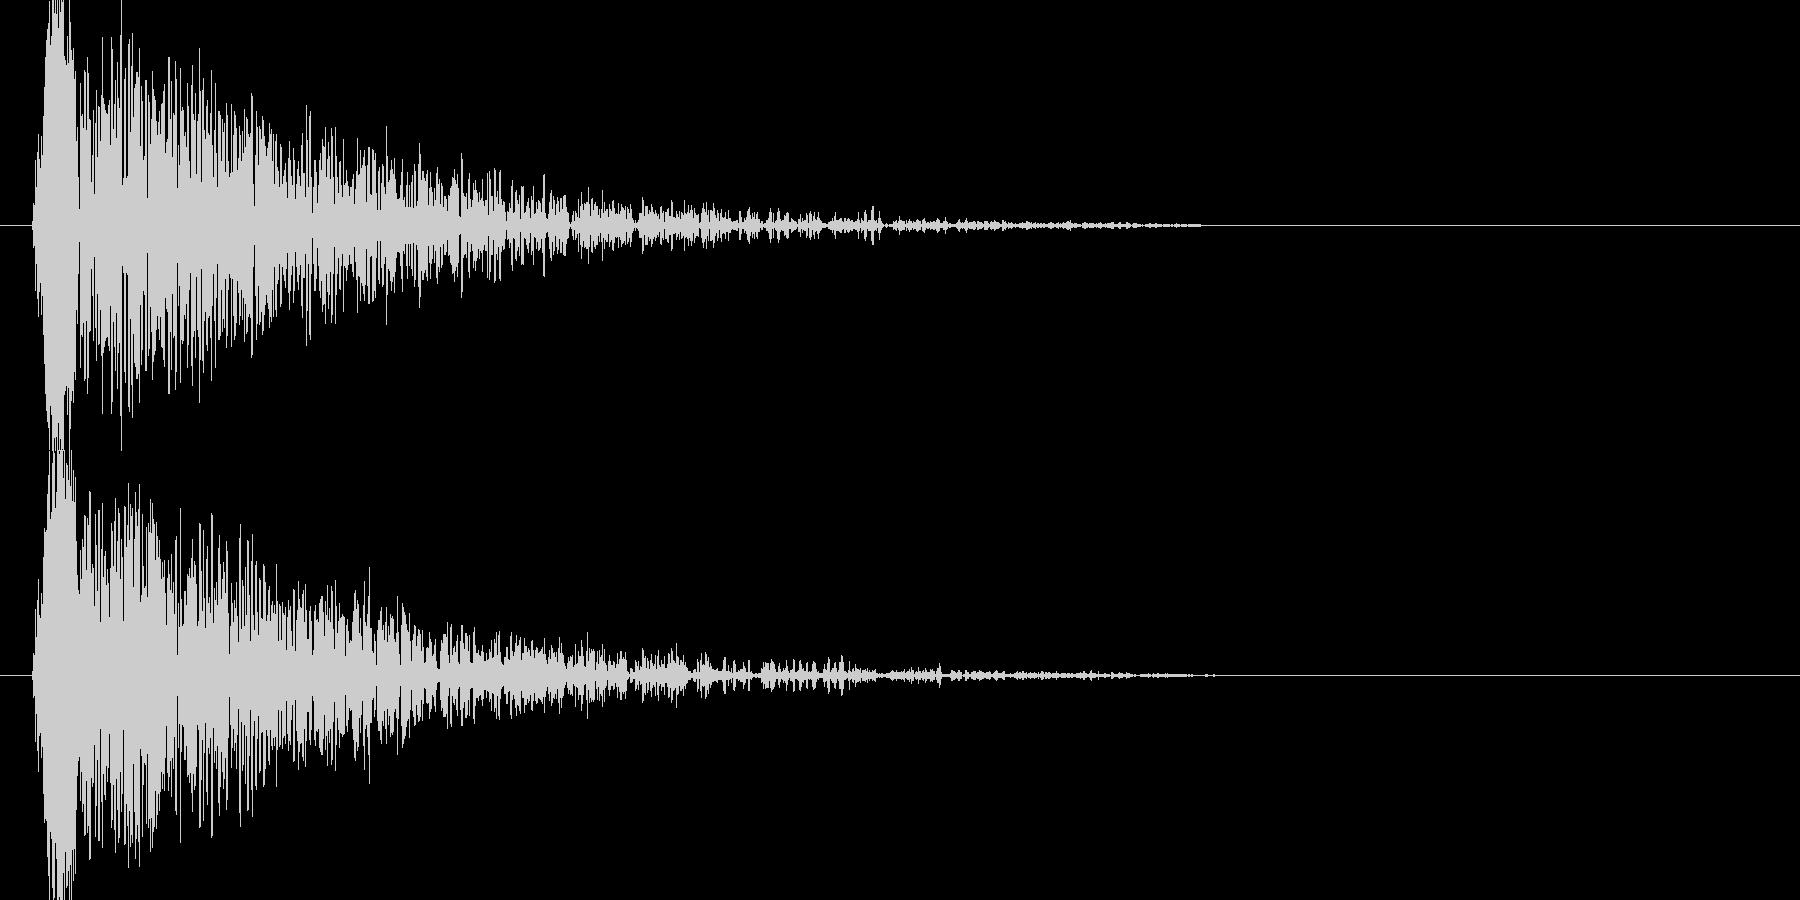 ドゥーン、、ジリジリジリ(爆発音)の未再生の波形